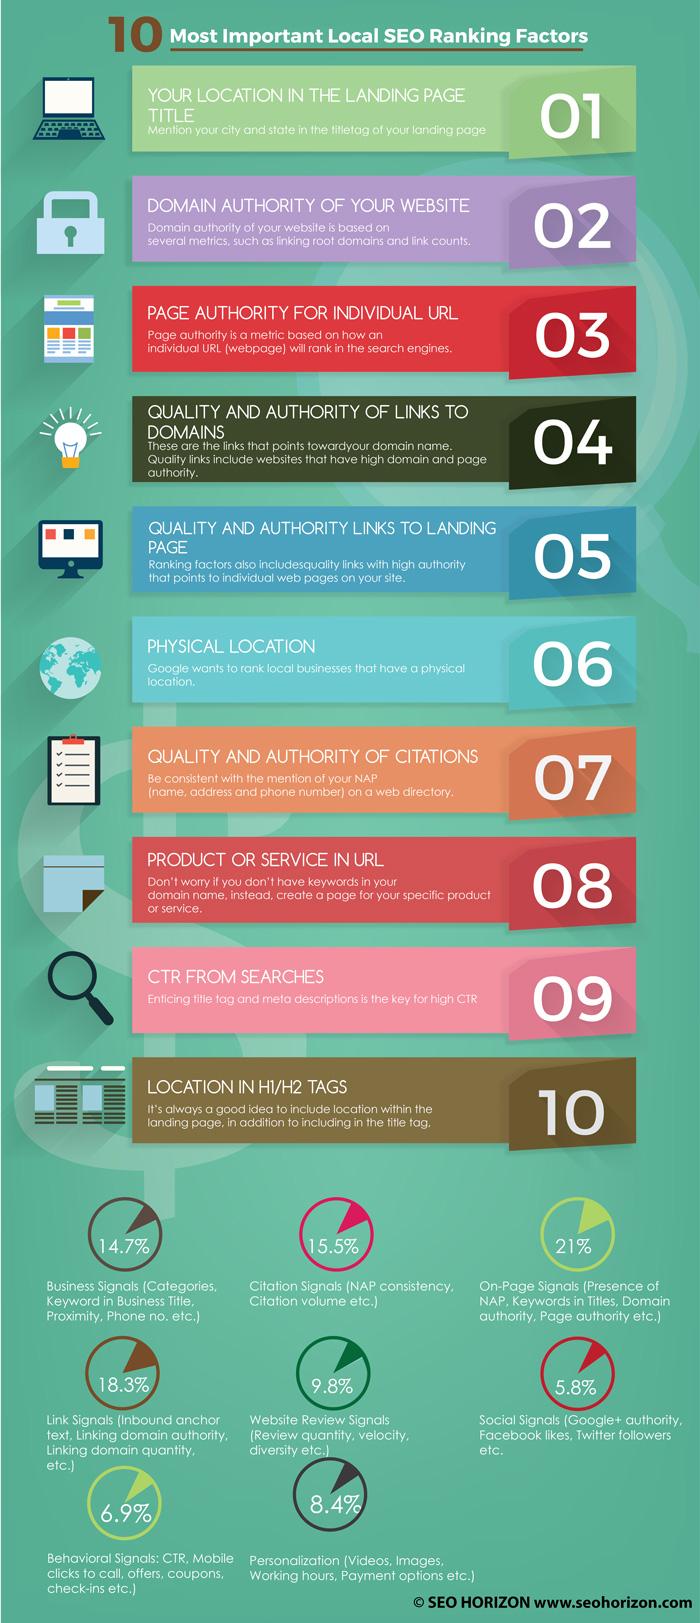 Top-10-Local-SEO-Ranking-Factors1